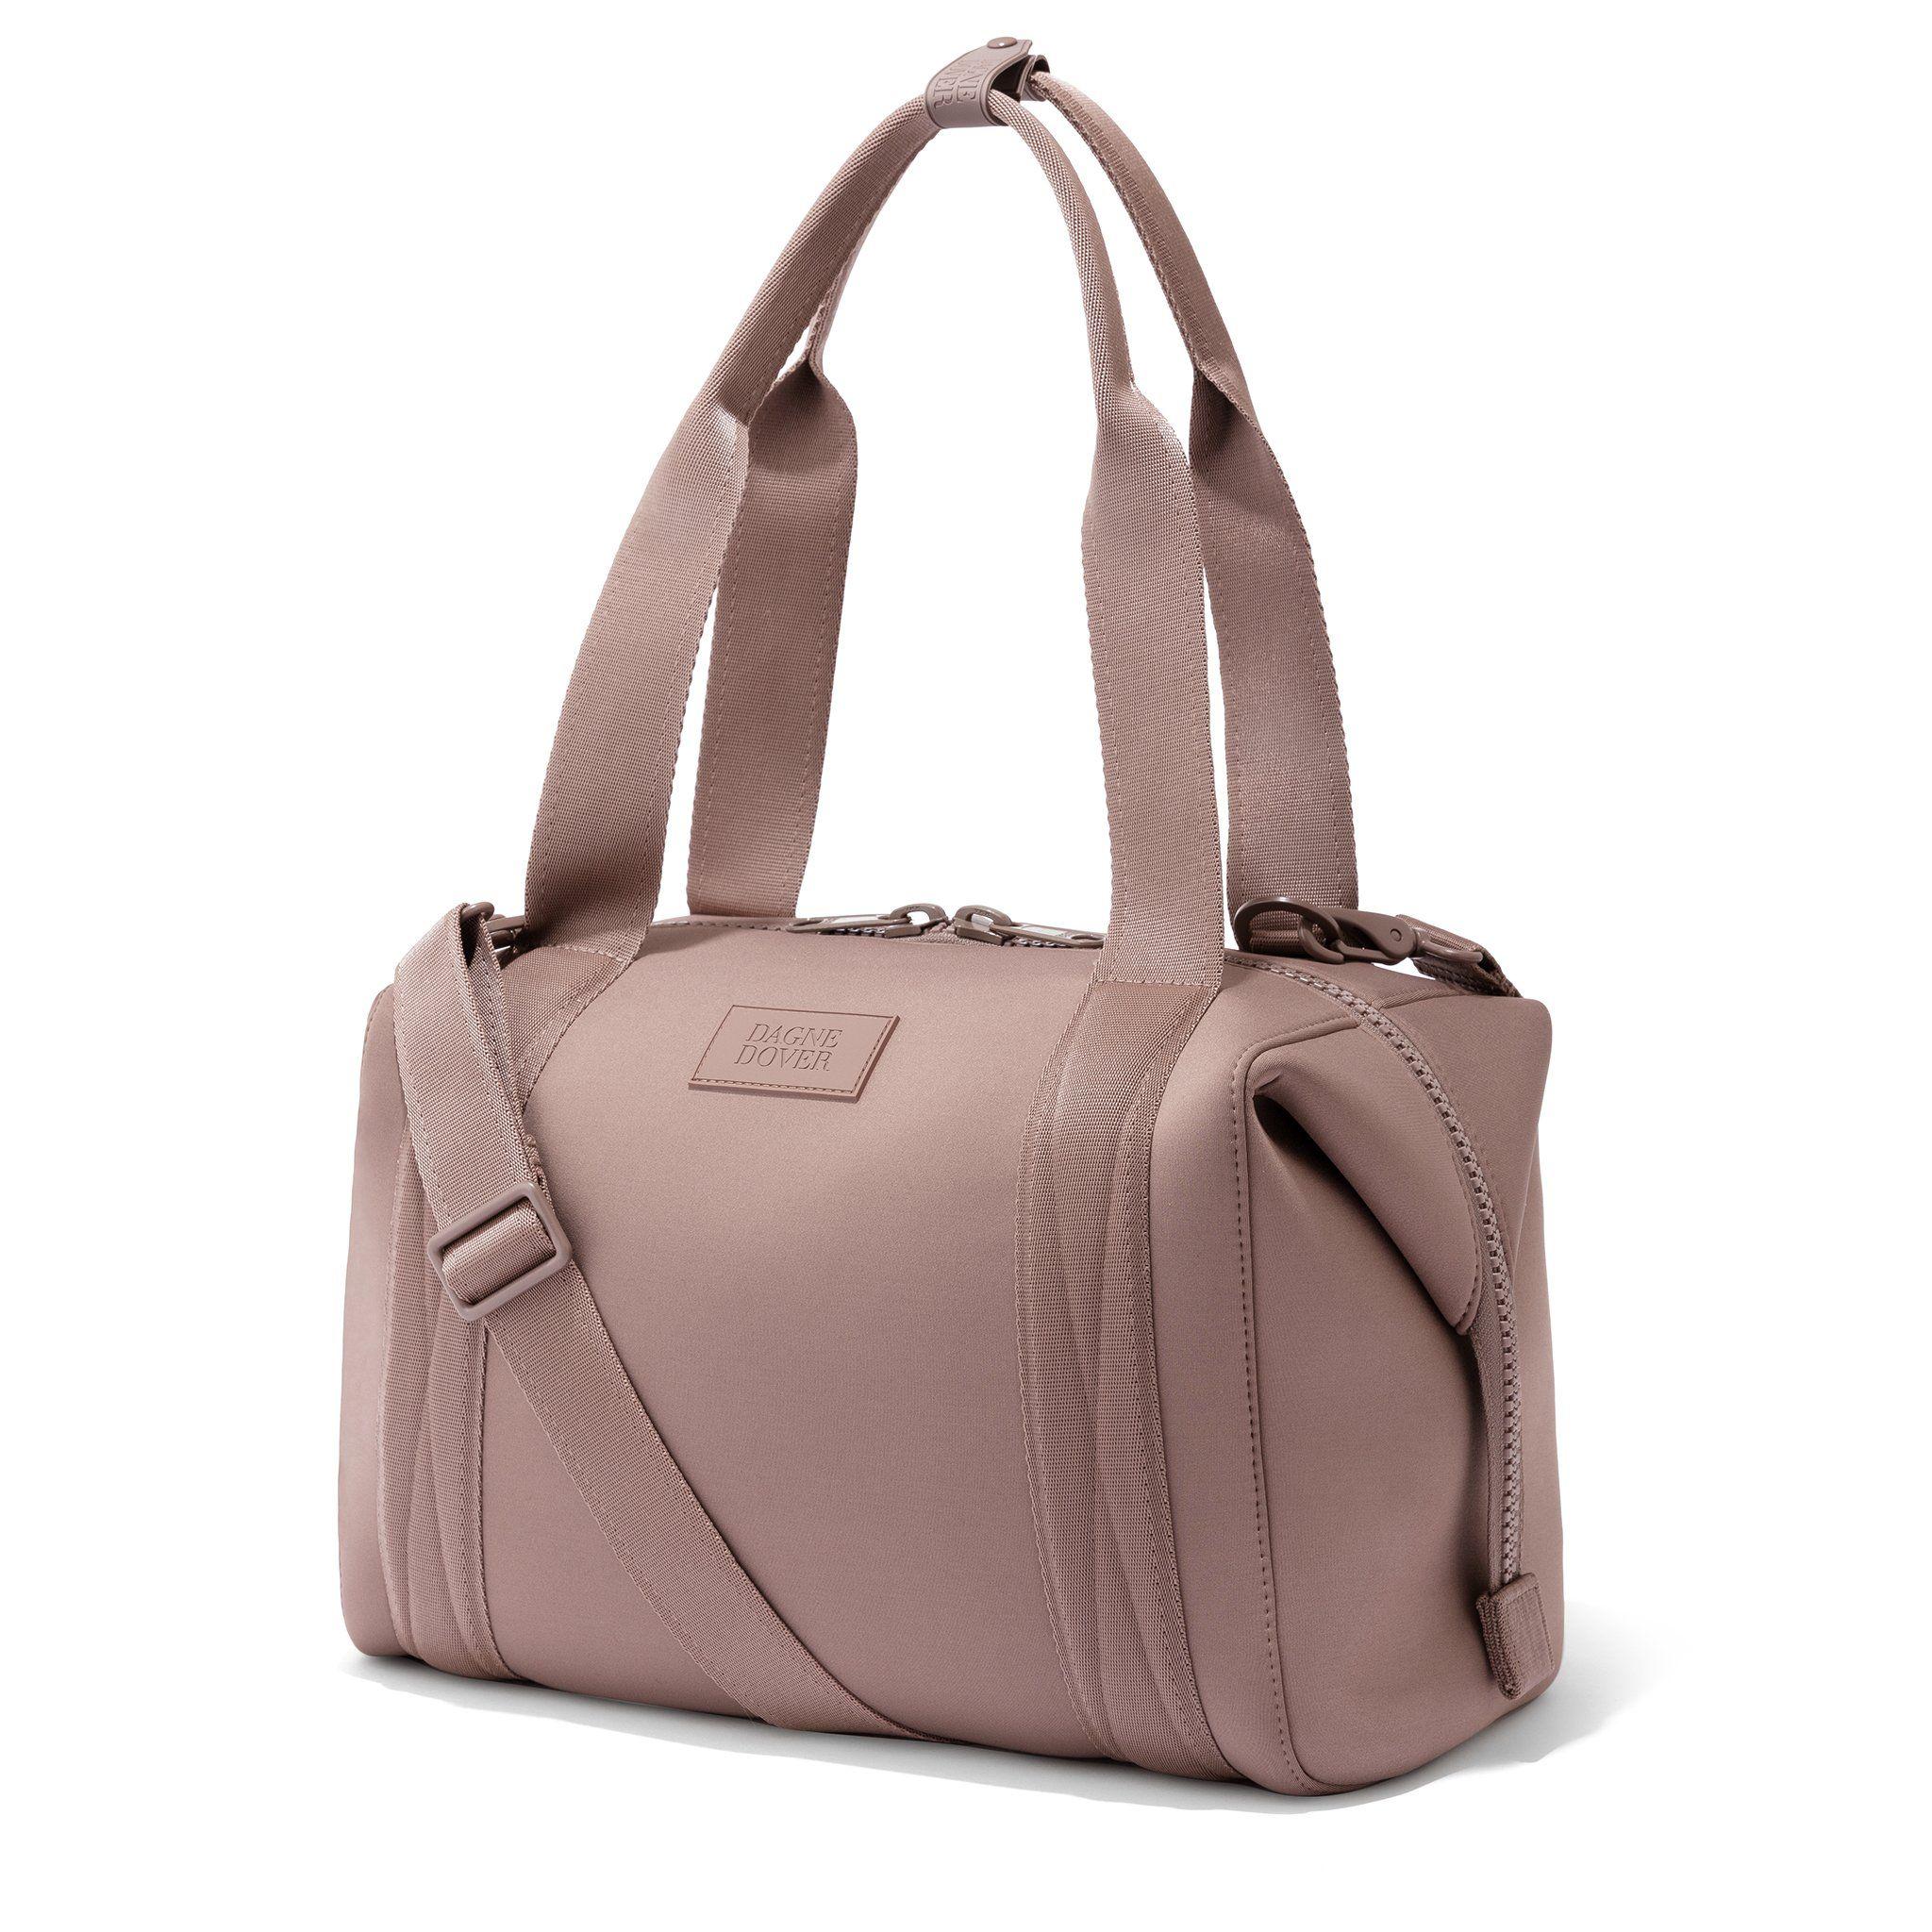 Landon Carryall Duffle Bag  58d34b75c7f05